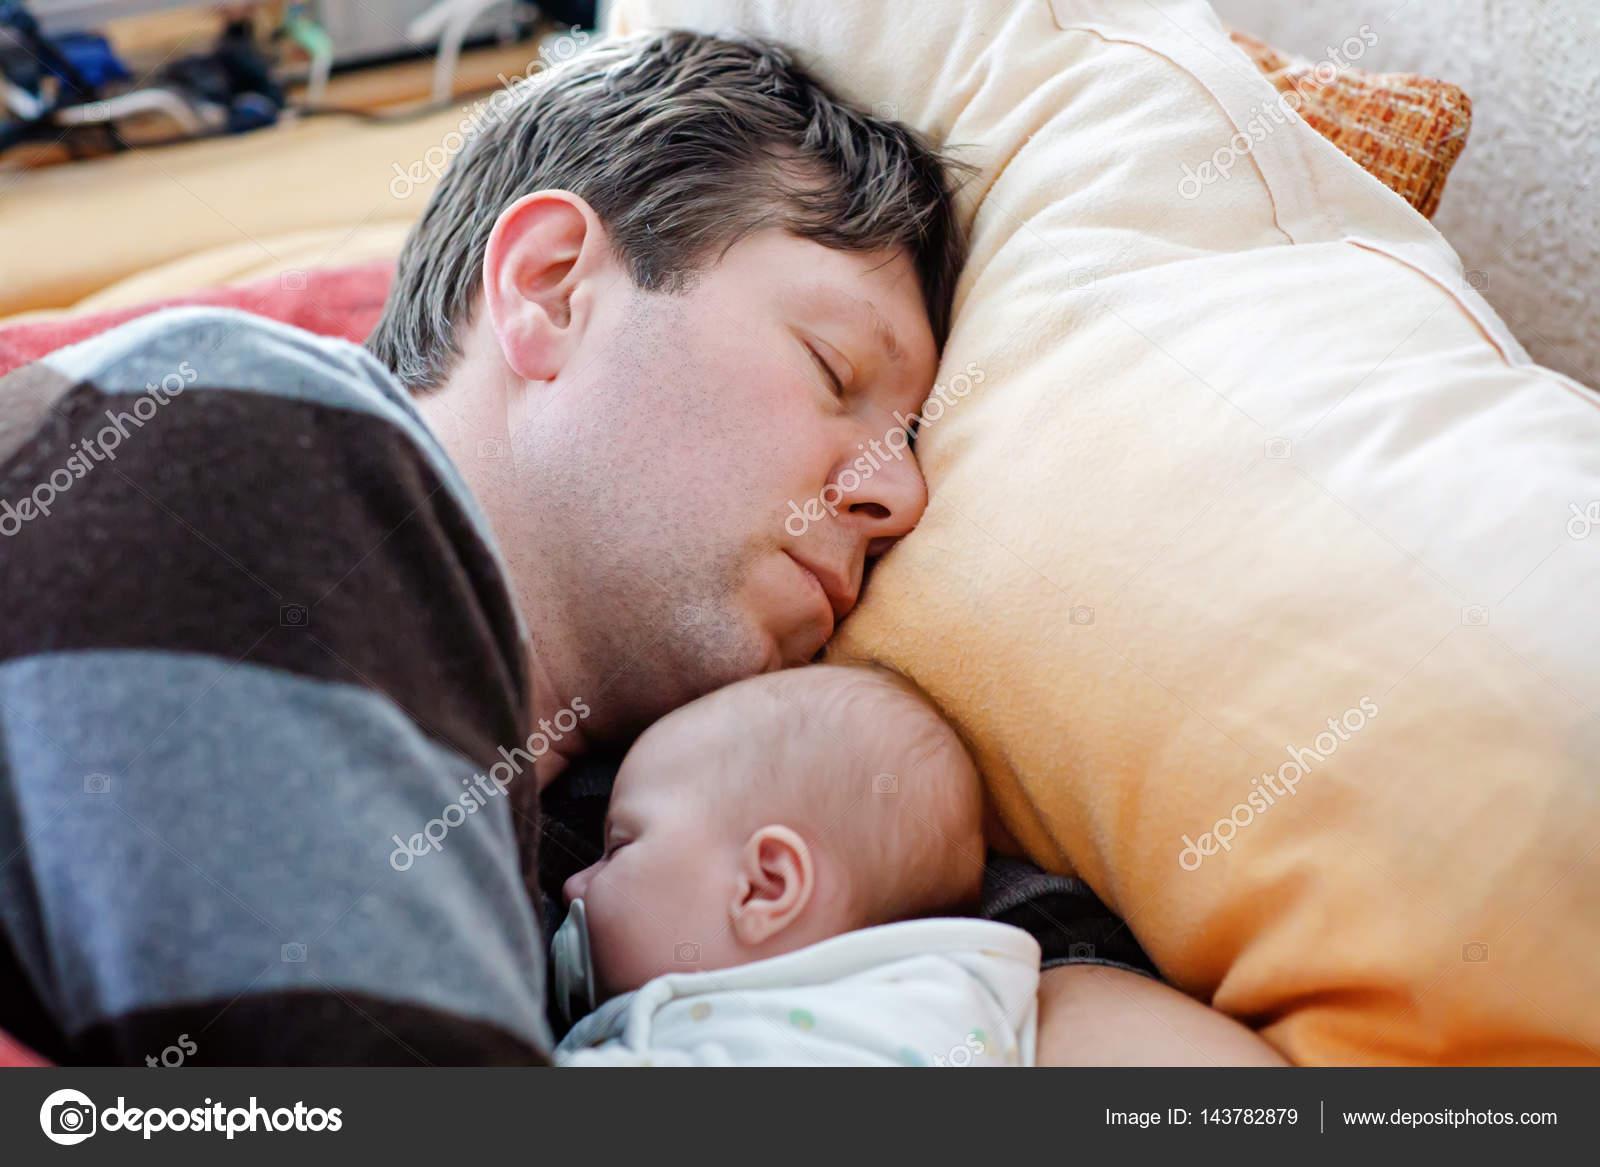 Фото секса пап с дочерьми, Секс папы с дочкой. Смотреть отец с дочкой порно фото 20 фотография